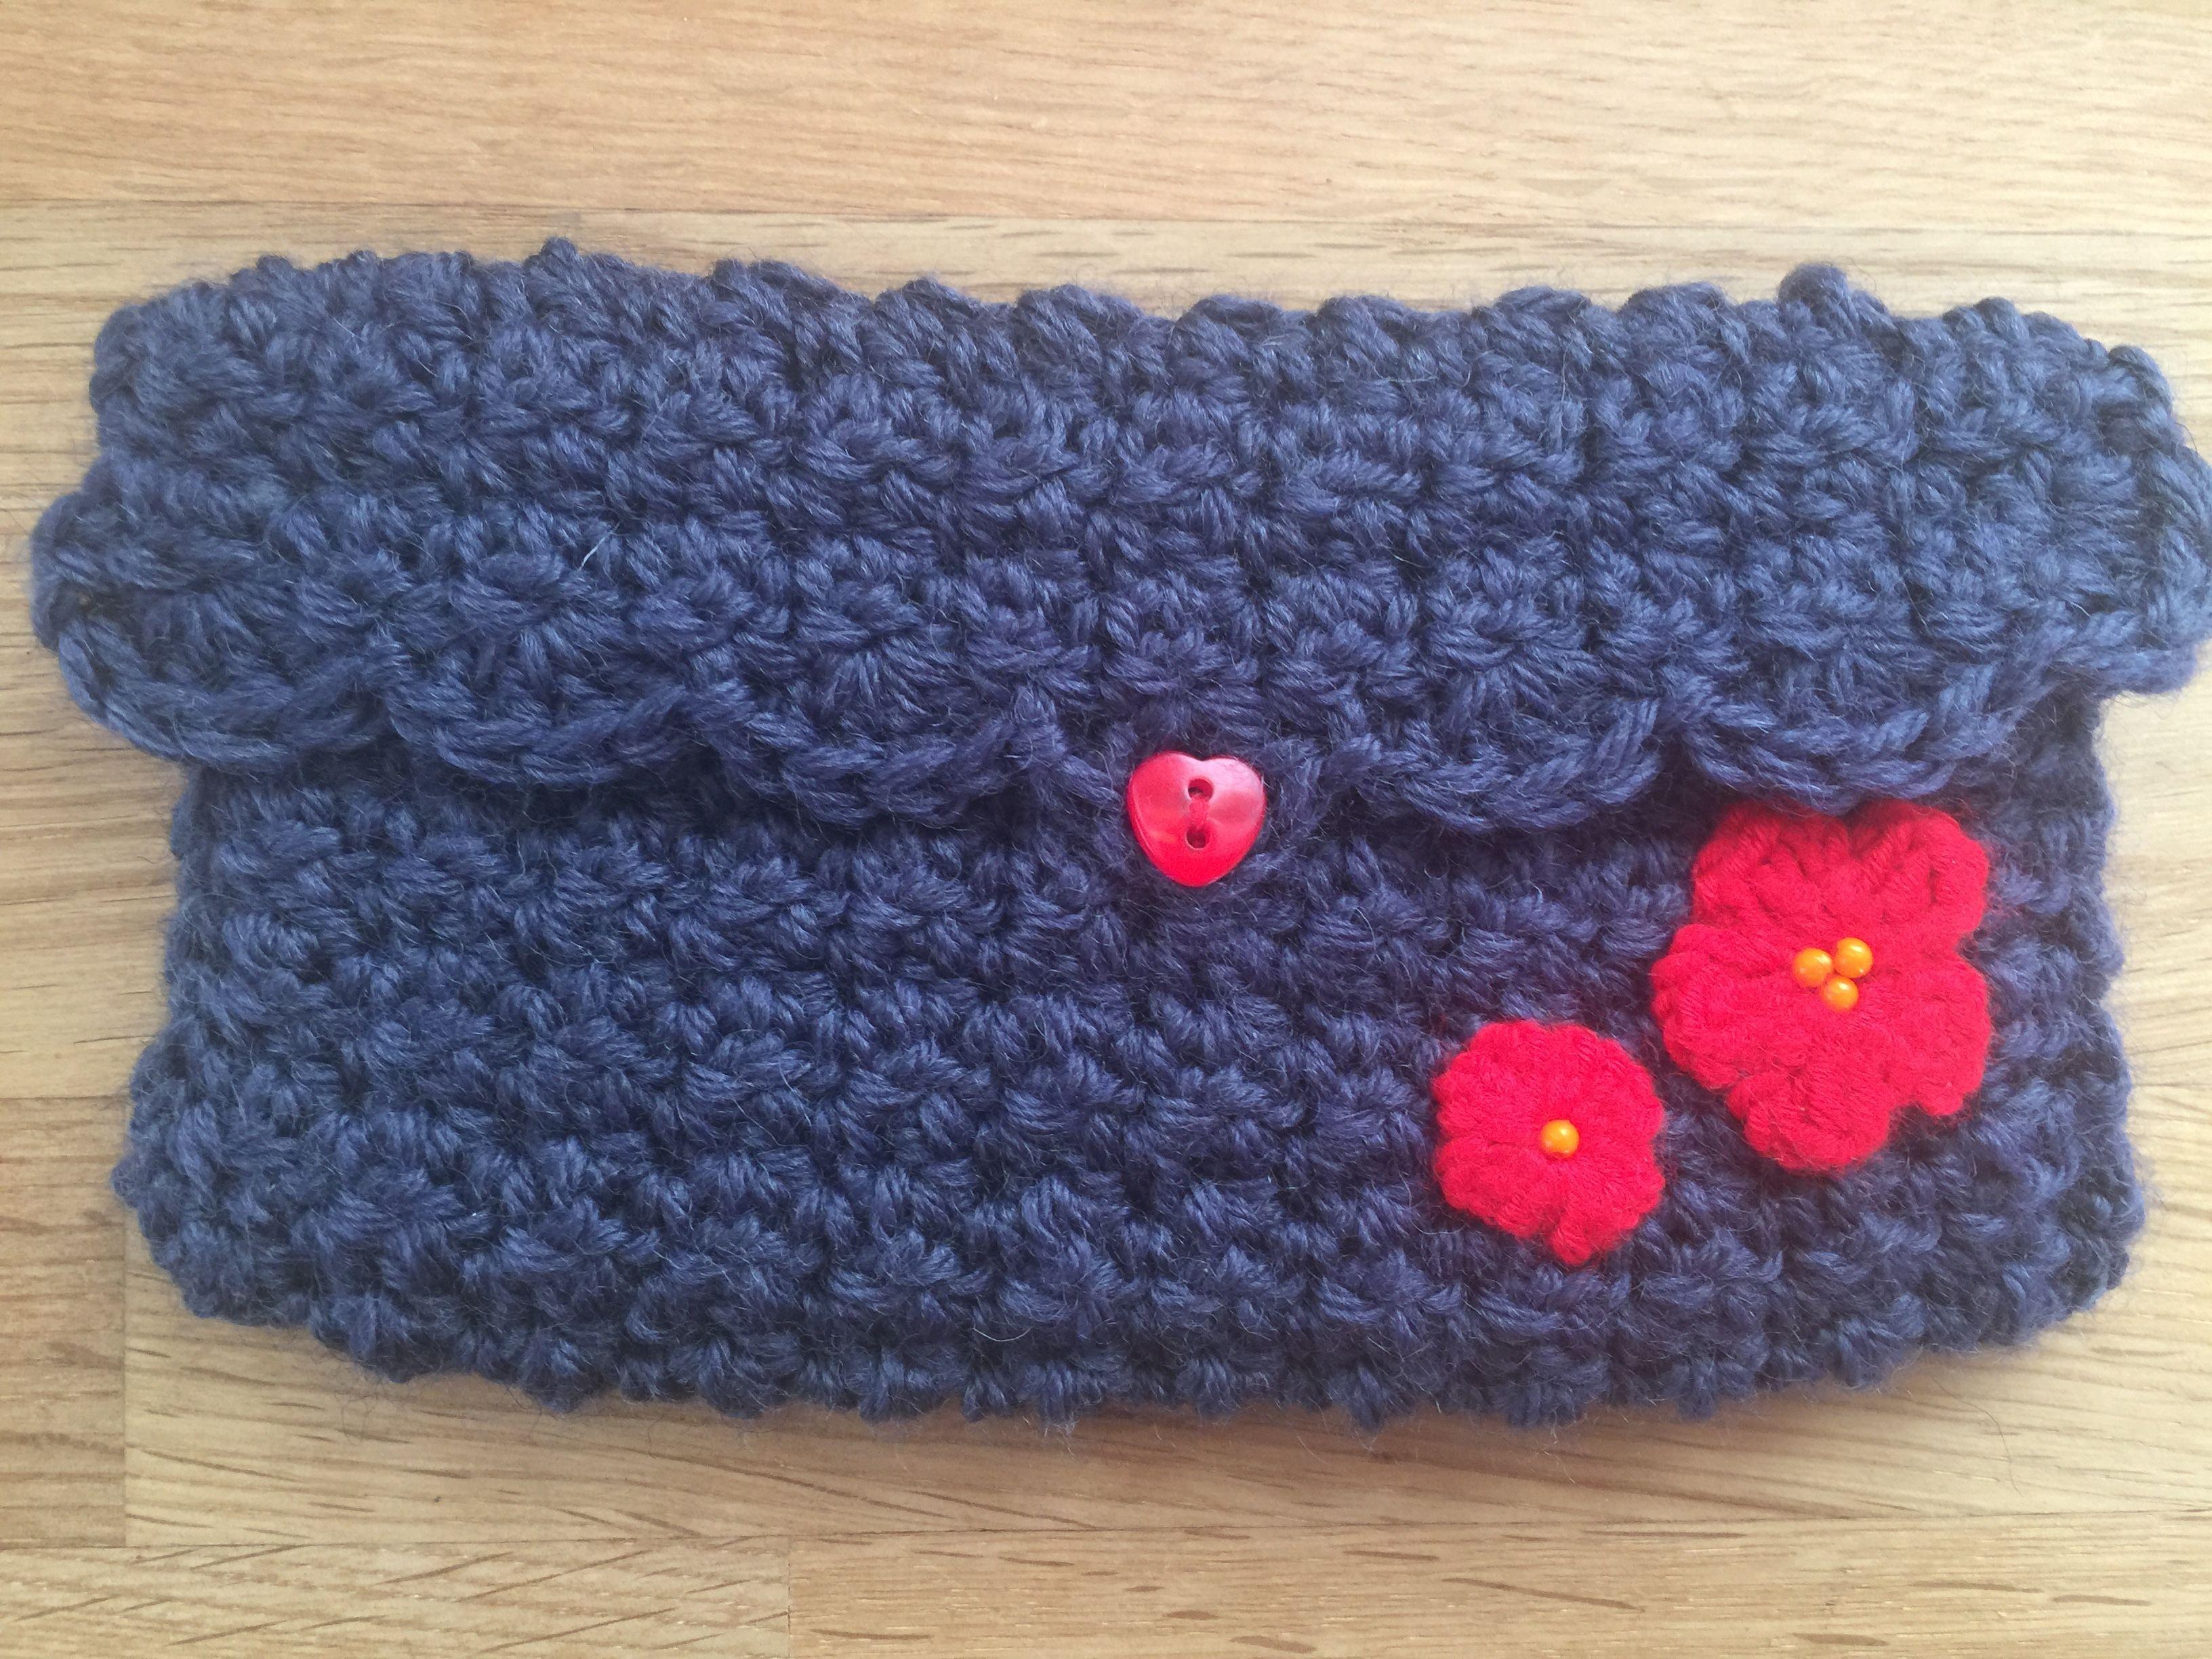 I Phone pocket crochet